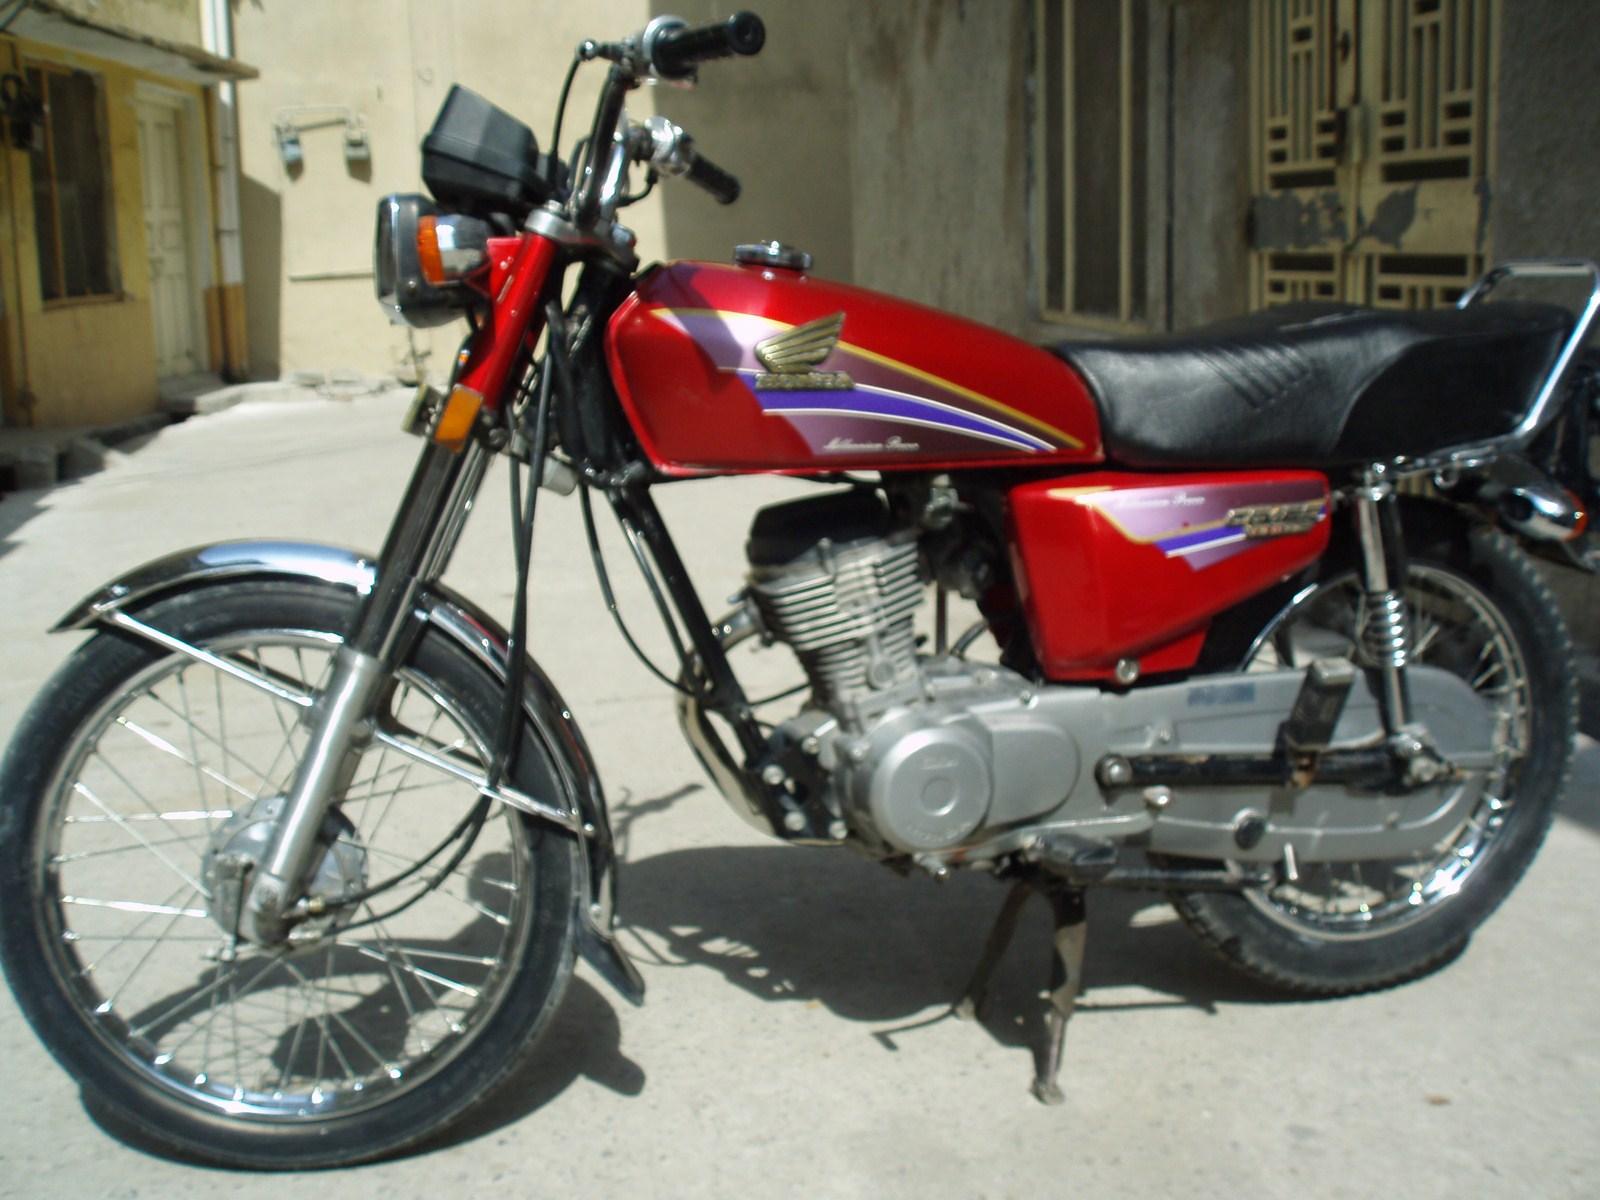 Honda Cg 125 2001 Of Umairziad Member Ride 16983 Pakwheels